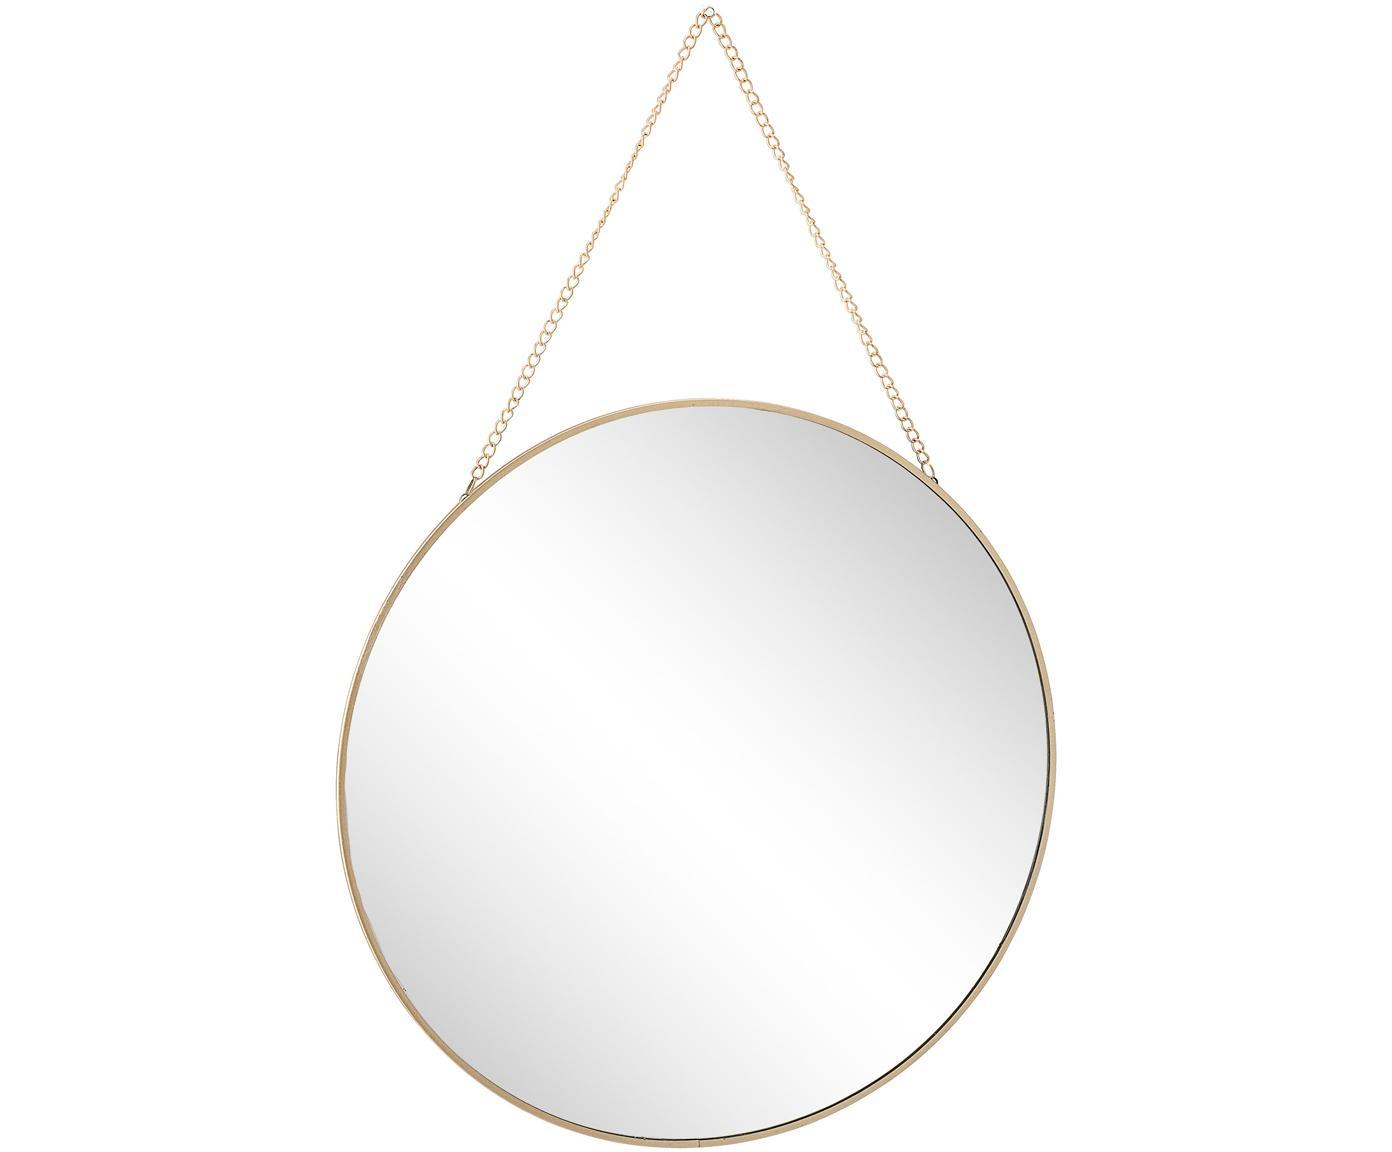 Espejo de pared Lala, Espejo: cristal, Latón, Ø 38 cm